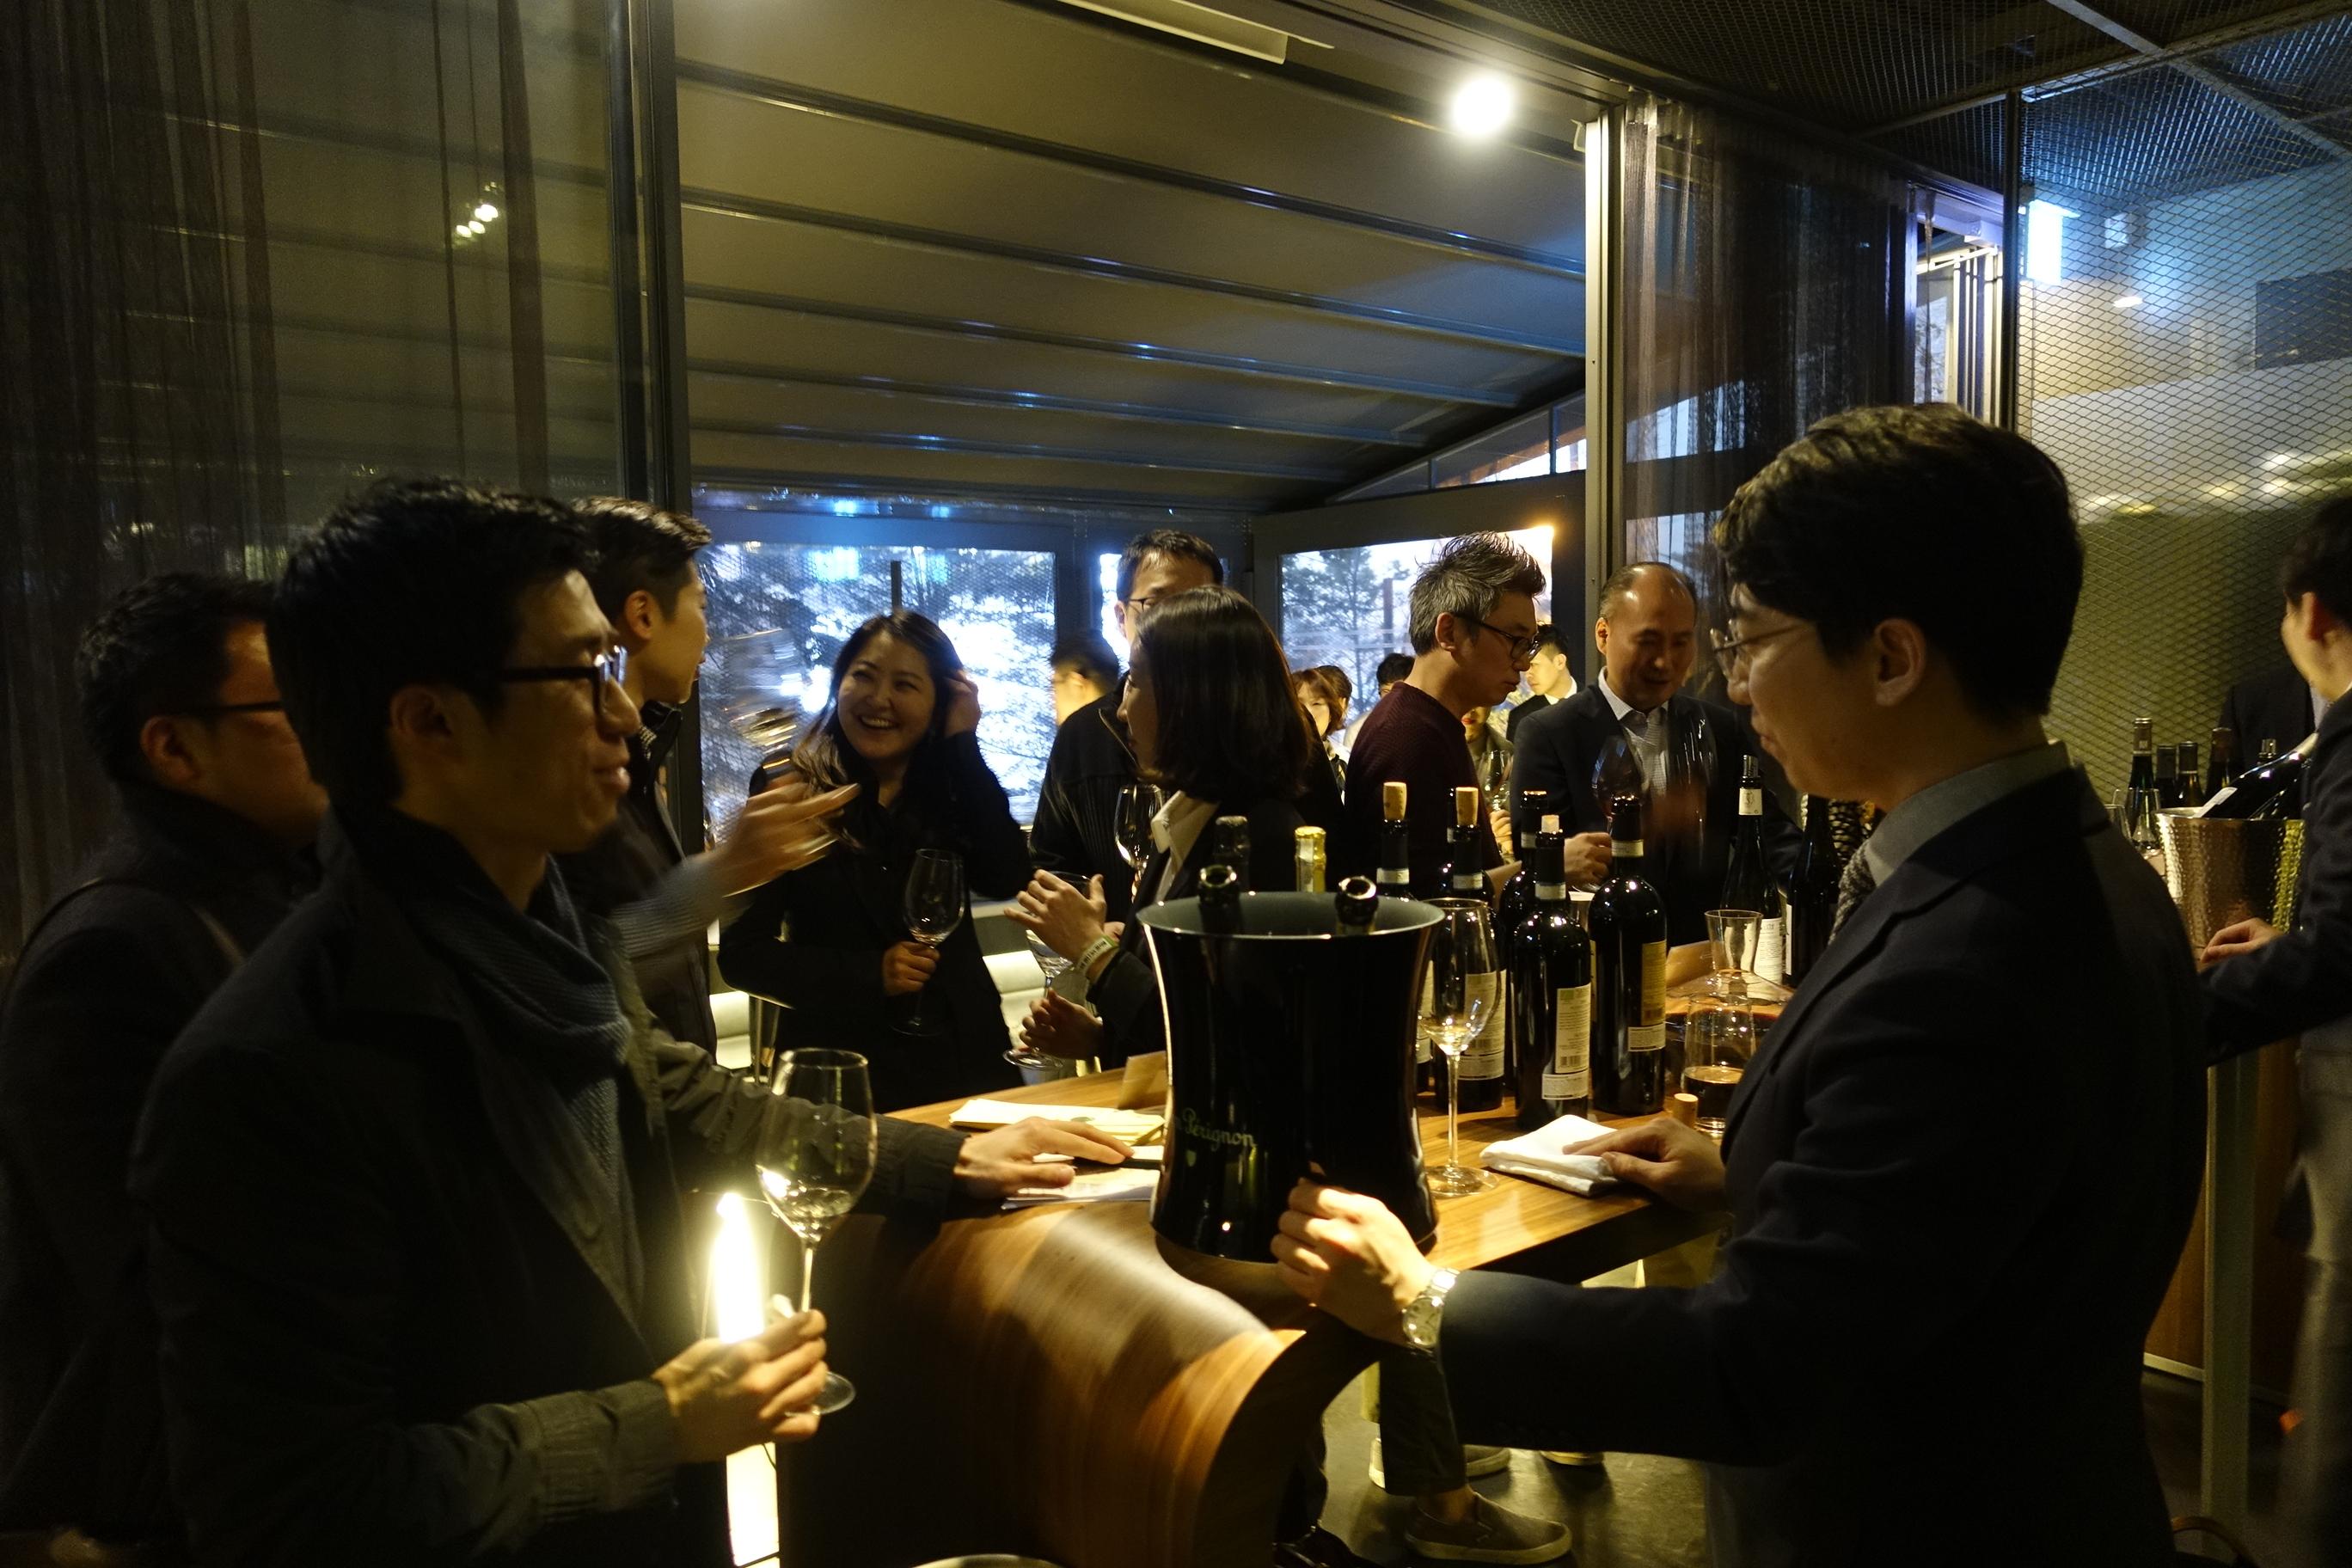 정식바의 신동혁 소믈리에와 행사에 참여한 와인 수입사의 관계자들에게 물었다.